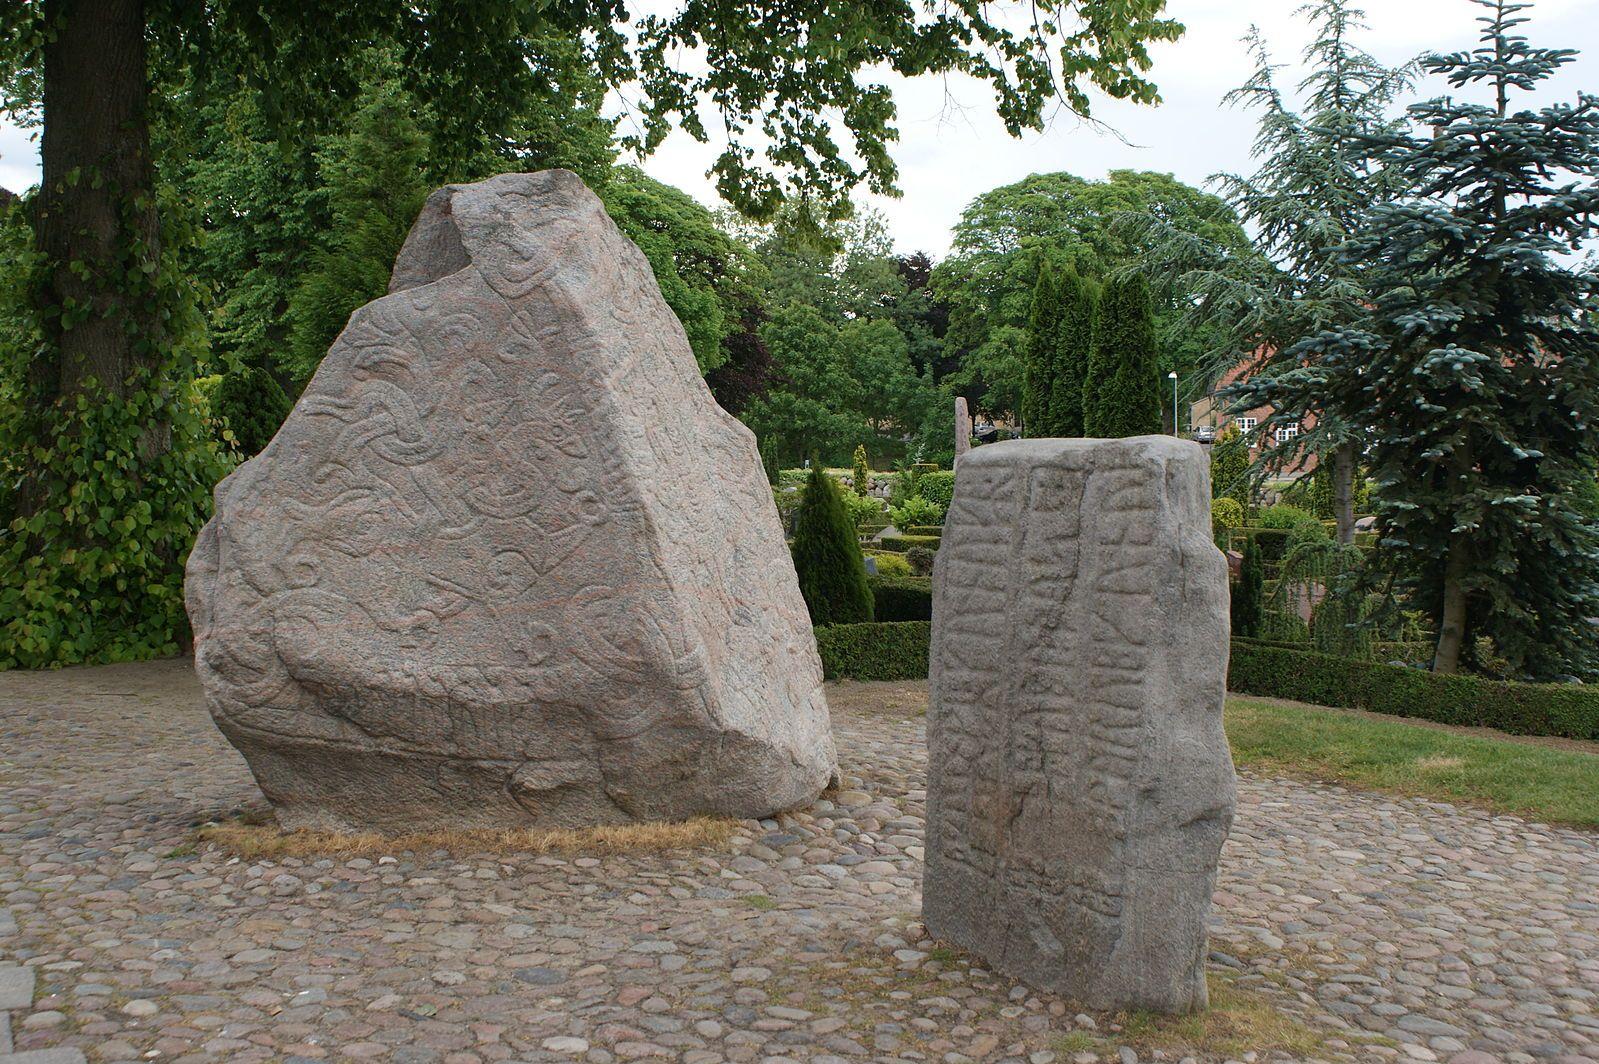 File:Runenstenen Jelling.jpg